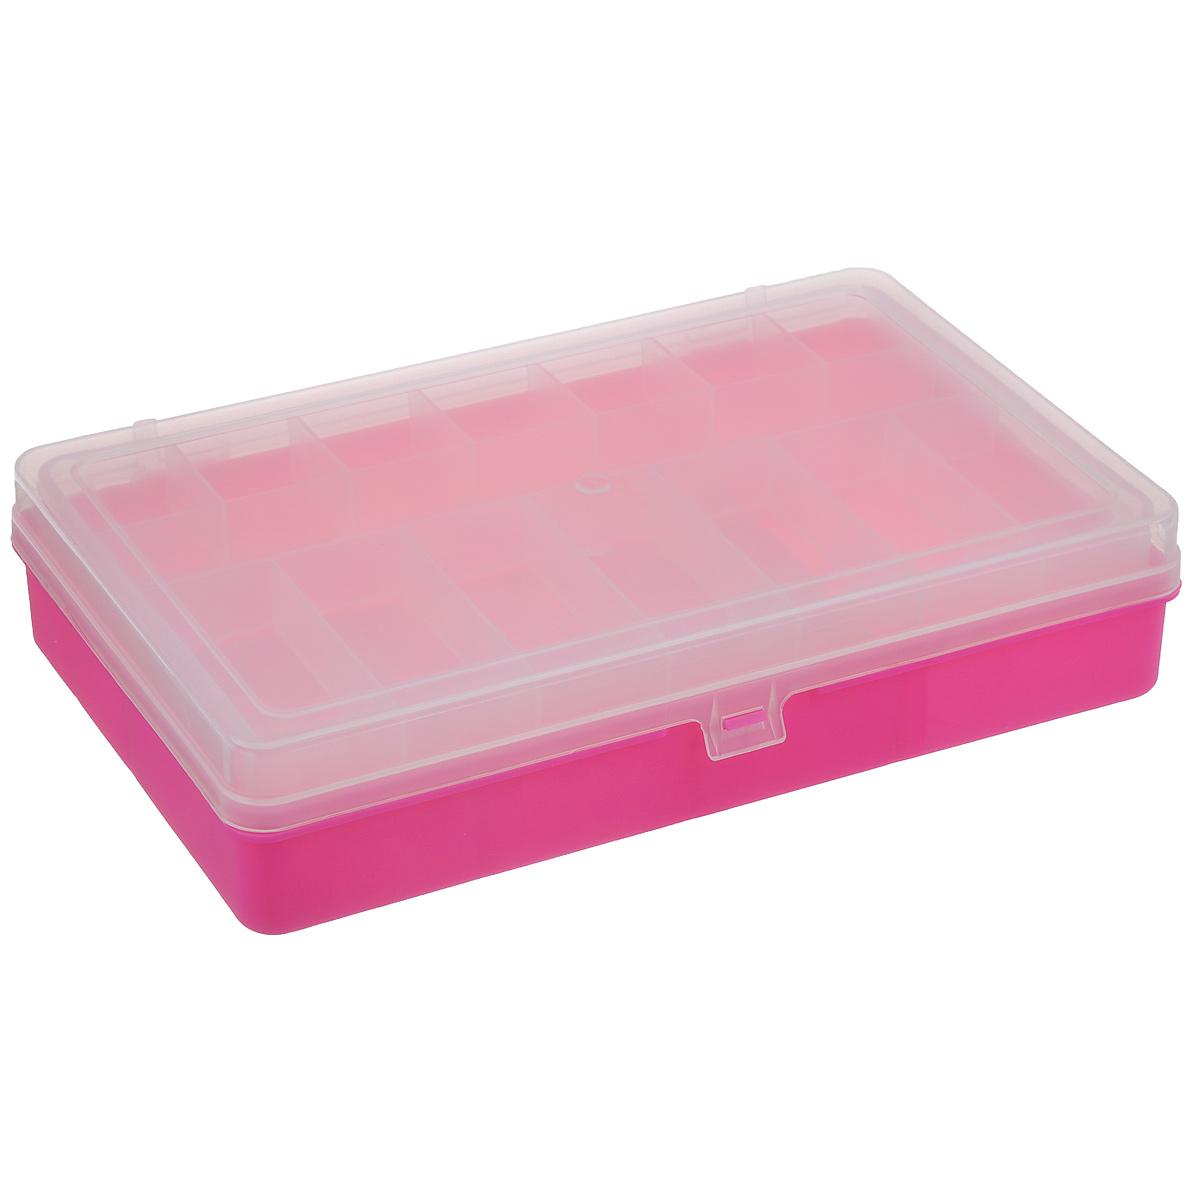 Коробка для мелочей Trivol, двухъярусная, цвет: розовый, 23,5 см х 15 см х 6 см525823_розовыйДвухъярусная коробка для мелочей Trivol изготовлена из высококачественного пластика. Прозрачная крышка позволяет видеть содержимое коробки. Изделие имеет два яруса. Верхний ярус представляет собой съемное отделение, в котором содержится 15 прямоугольных ячеек. Нижний ярус имеет 3 ячейки разного размера. Коробка прекрасно подойдет для хранения швейных принадлежностей, рыболовных снастей, мелких деталей и других бытовых мелочей. Удобный и надежный замок-защелка обеспечивает надежное закрывание крышки. Коробка легко моется и чистится. Такая коробка поможет держать вещи в порядке. Размер самой маленькой ячейки: 3,5 см х 3 см х 1,7 см. Размер самой большой ячейки: 13 см х 14,5 см х 5 см.